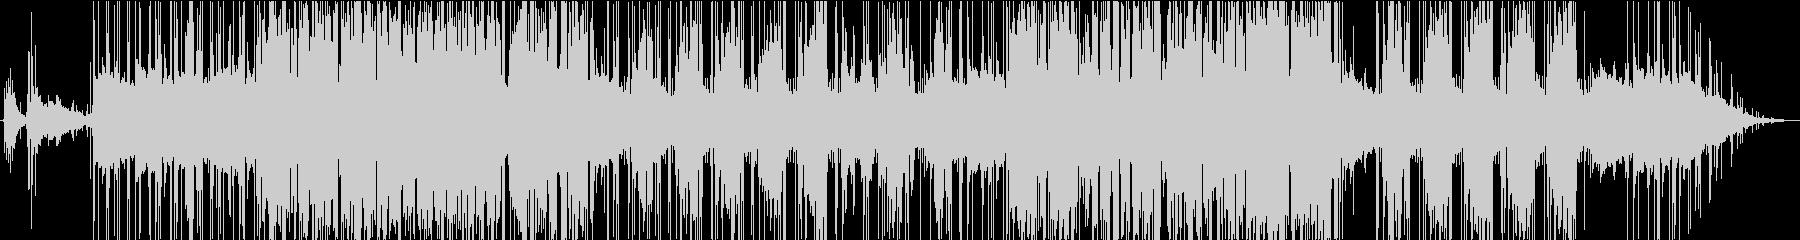 フルコトブミの未再生の波形